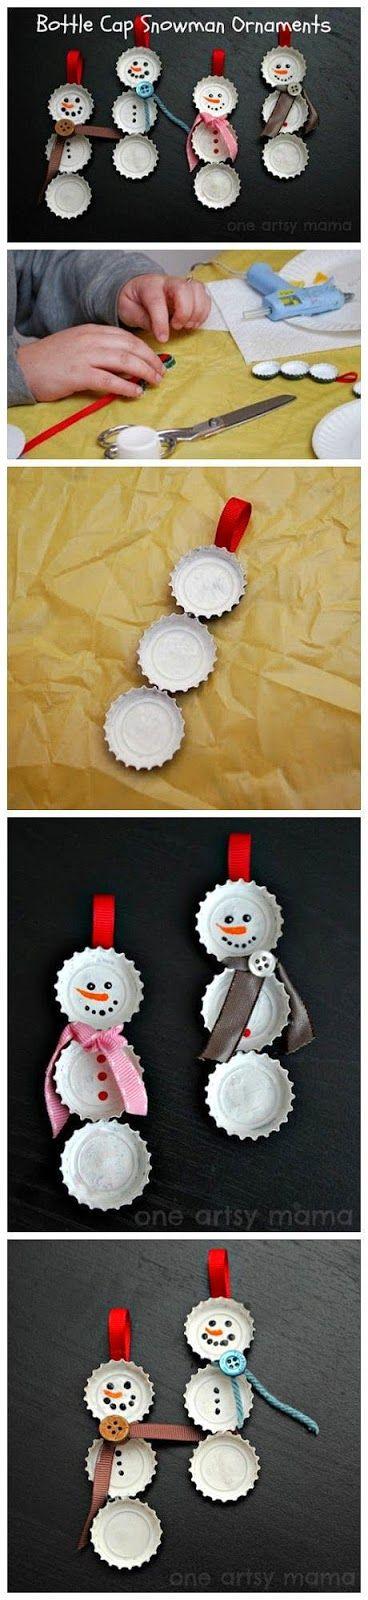 ARTE COM QUIANE - Paps,Moldes,E.V.A,Feltro,Costuras,Fofuchas 3D: Faça você também: Boneco de Neve feito de tampinha de refrigerante